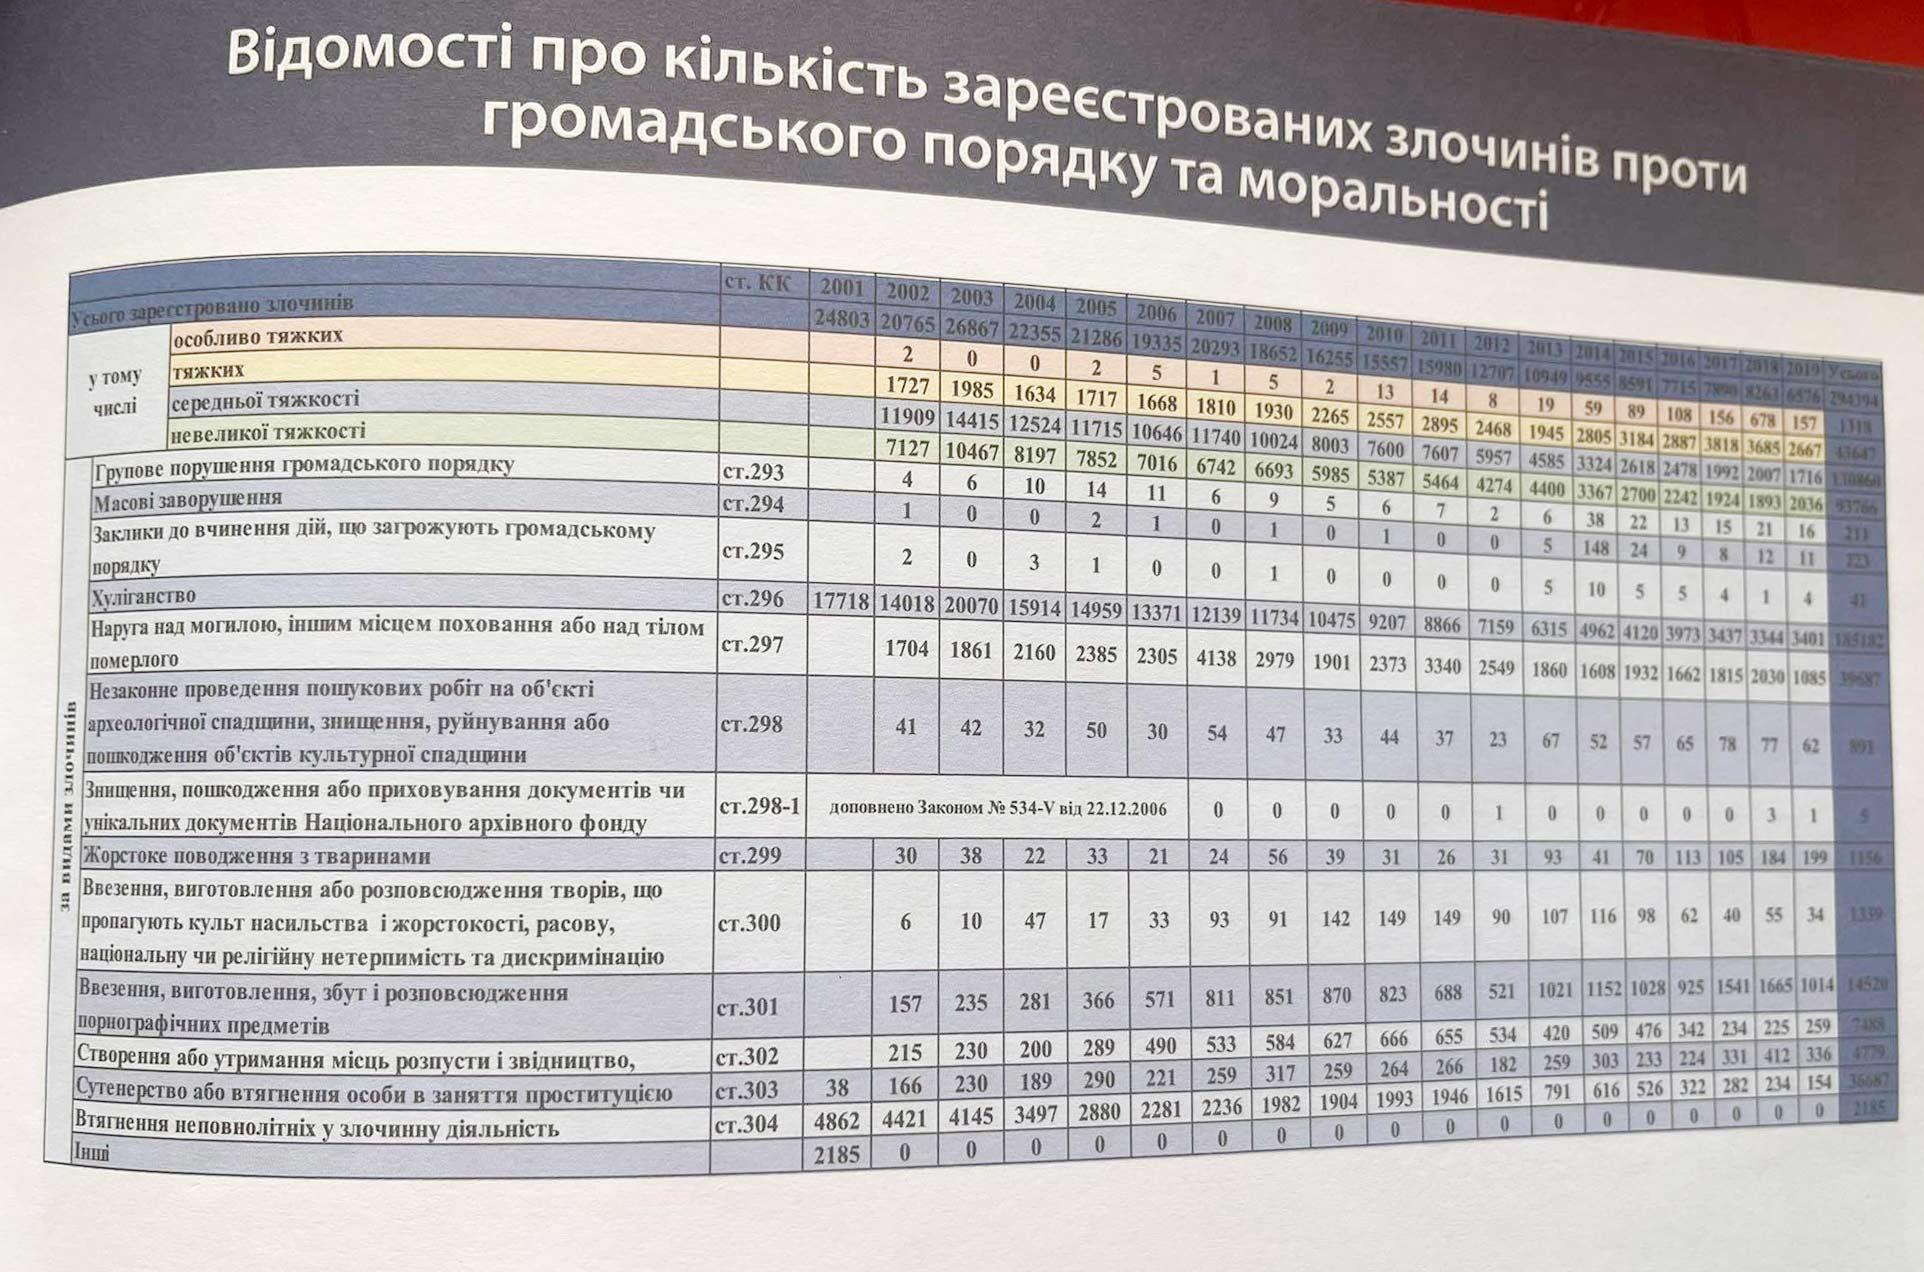 erotic pictures data - <b>В Украине можно получить семь лет тюрьмы за убийство и столько же — за продажу интимных фото.</b> Рассказываем, почему это так - Заборона